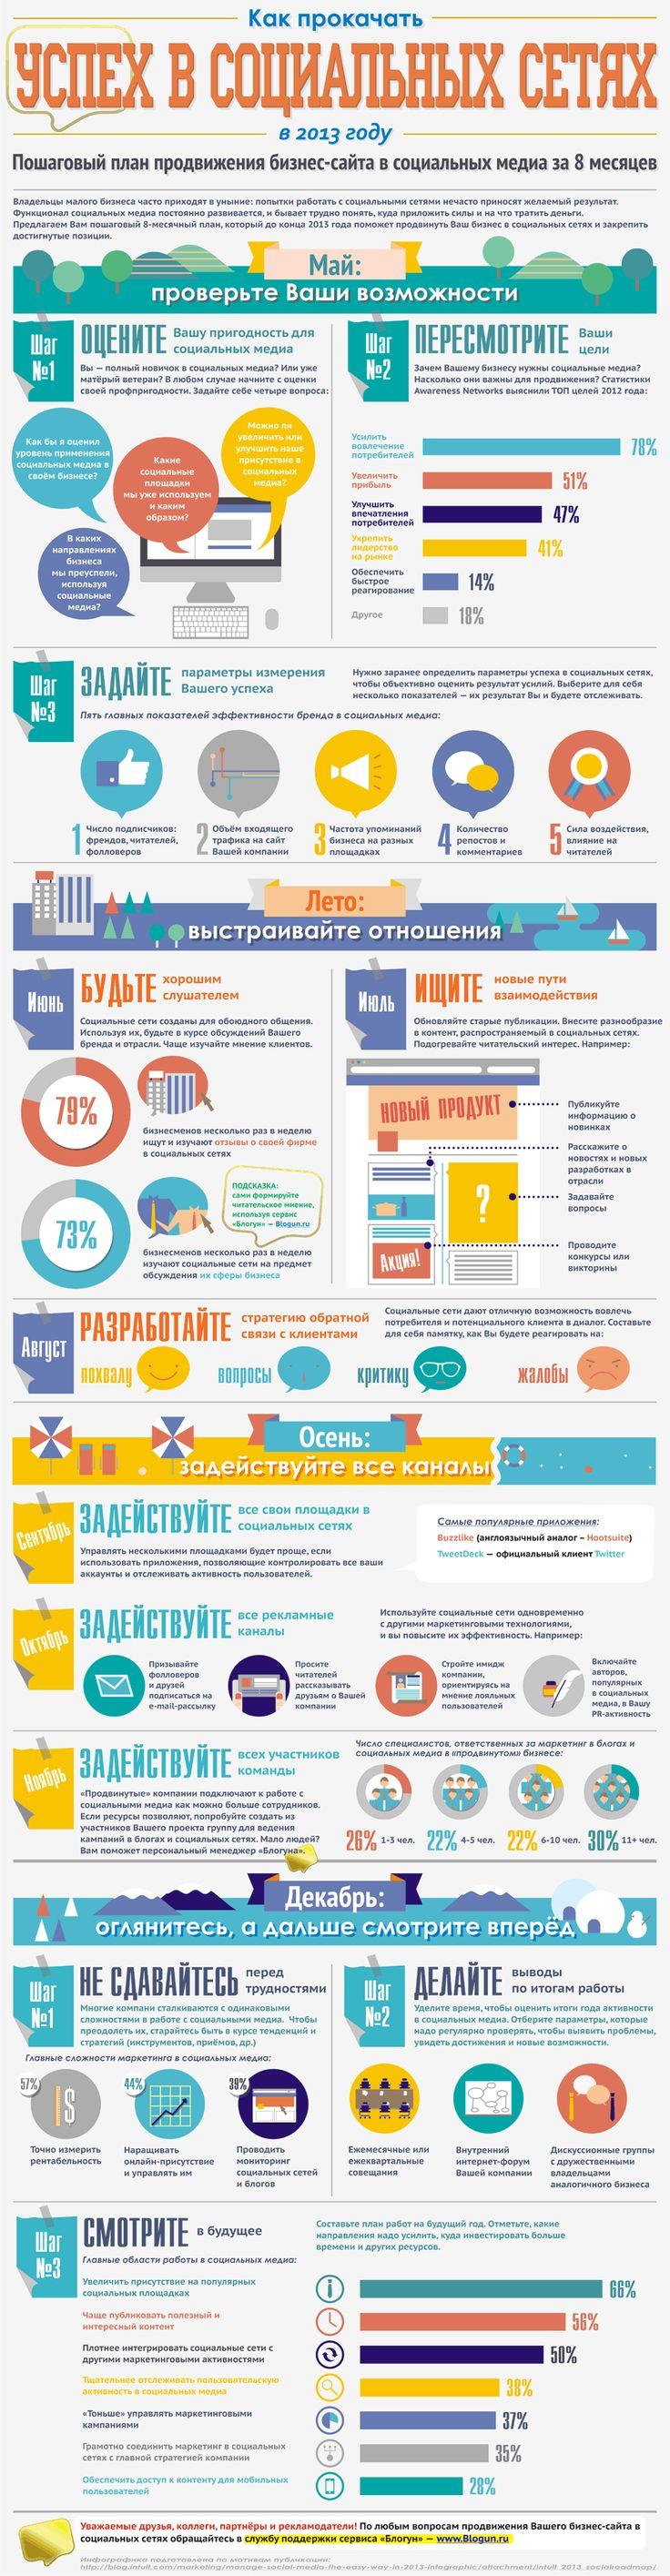 Пошаговый план прокачки Вашего коммерческого успеха в социальных сетях в 2013 году